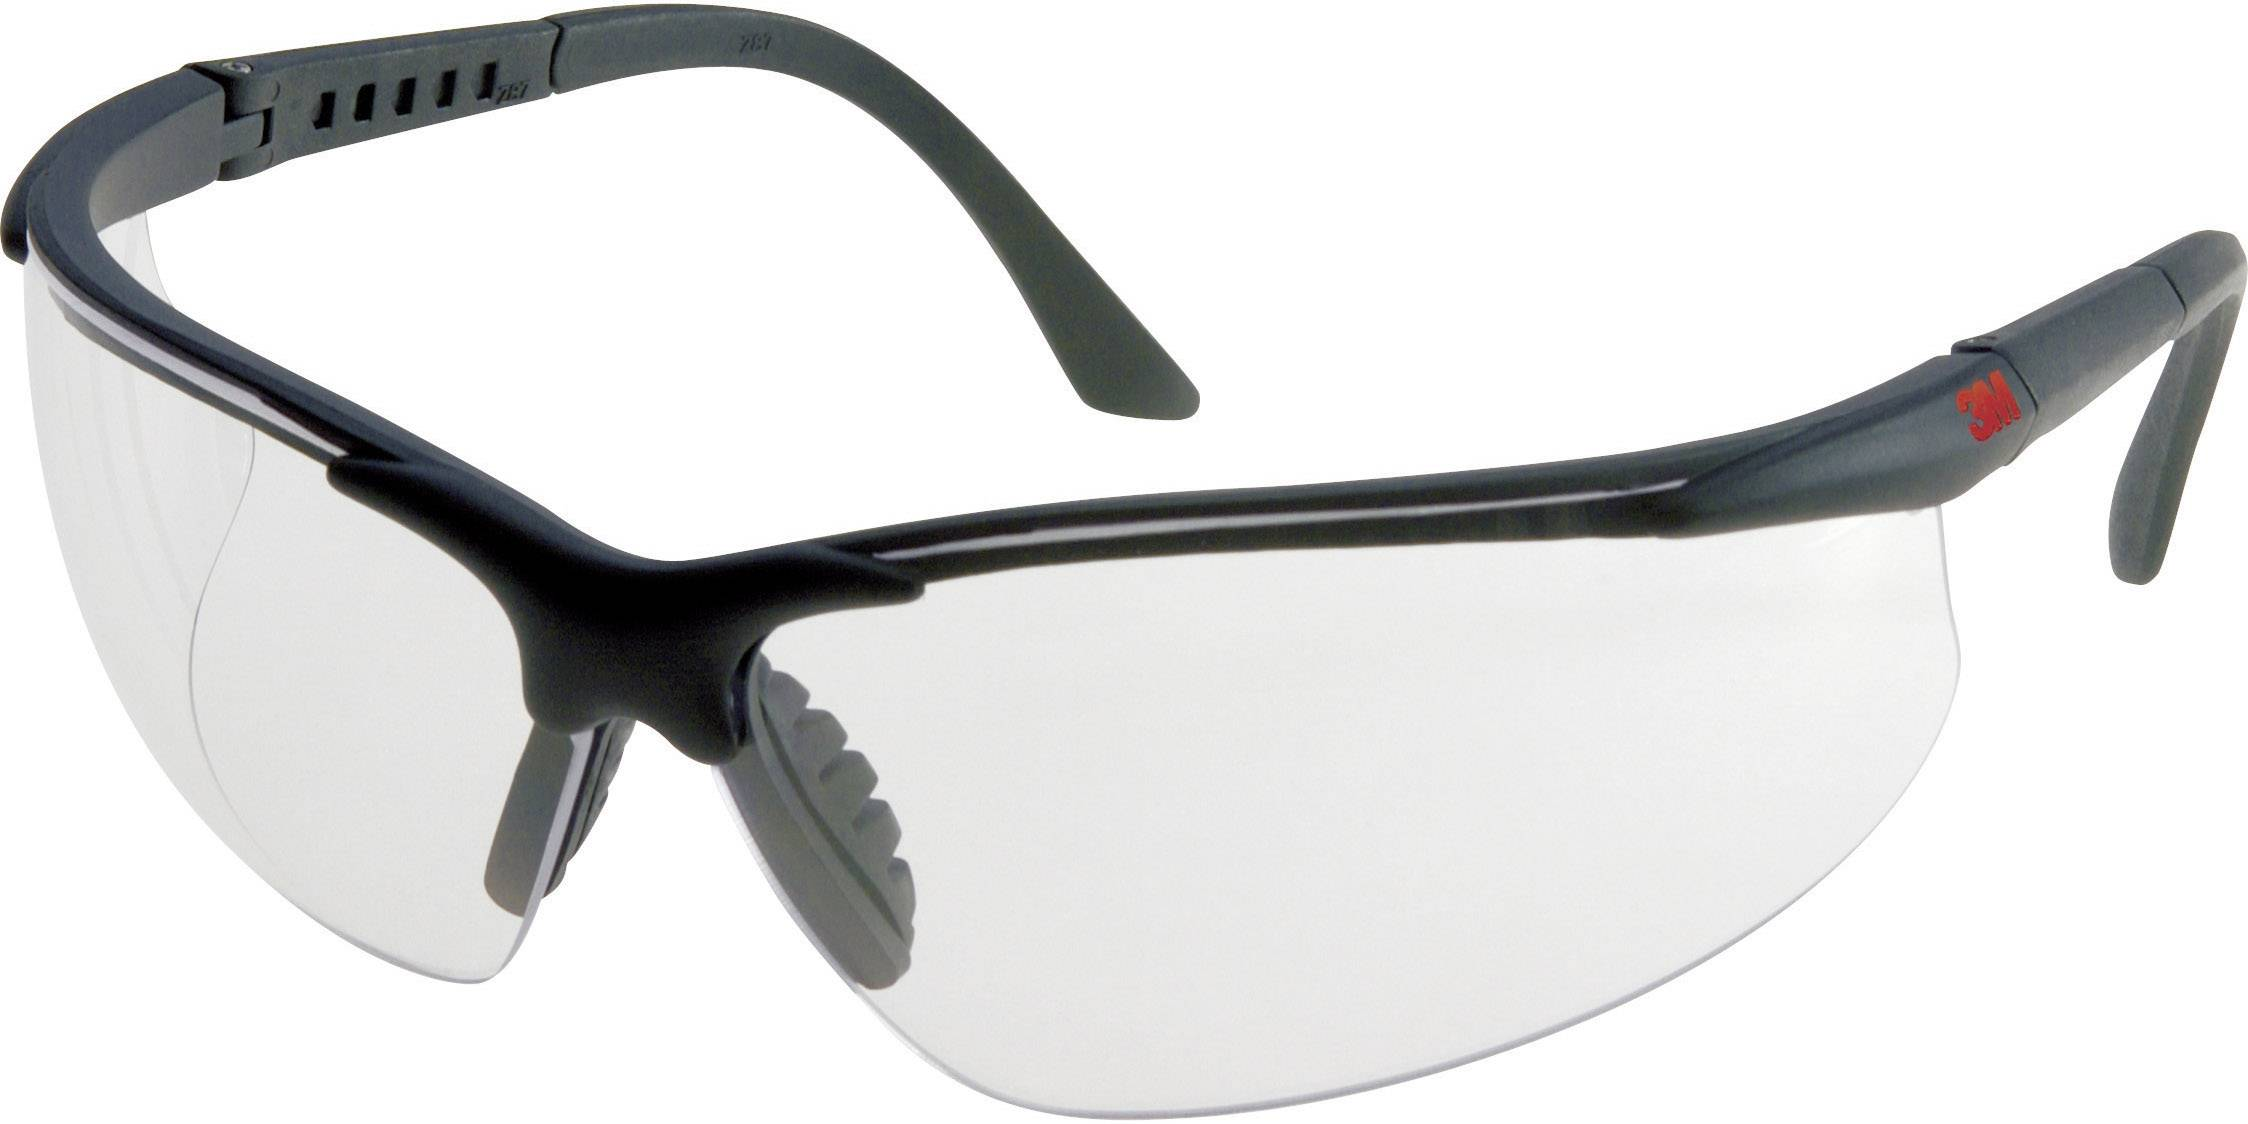 Ochranné brýle 3M 2750, transparentní